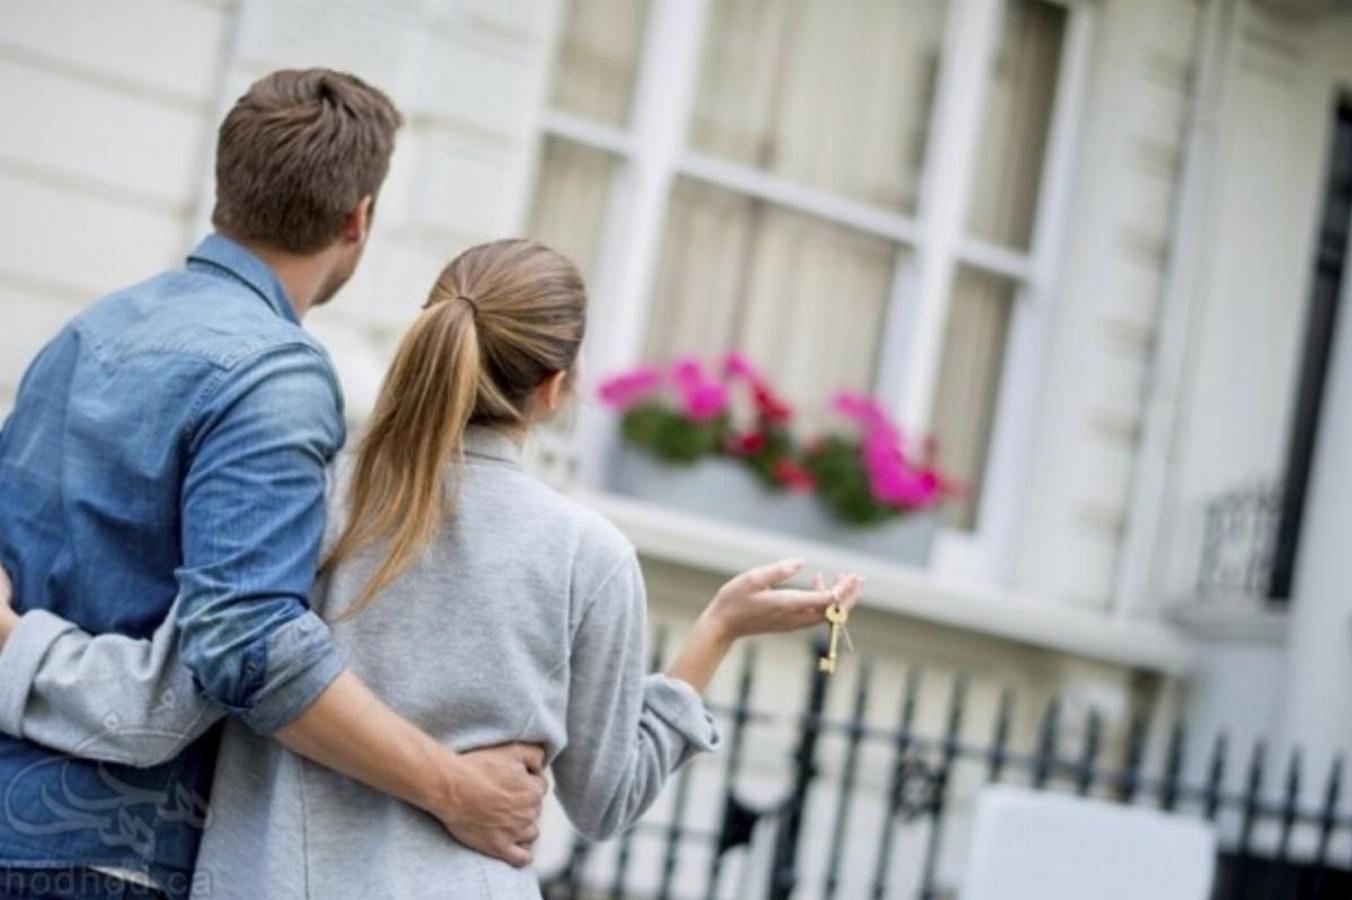 آیا آمادگی شروع زندگی مشترک با شریکتان را دارید؟